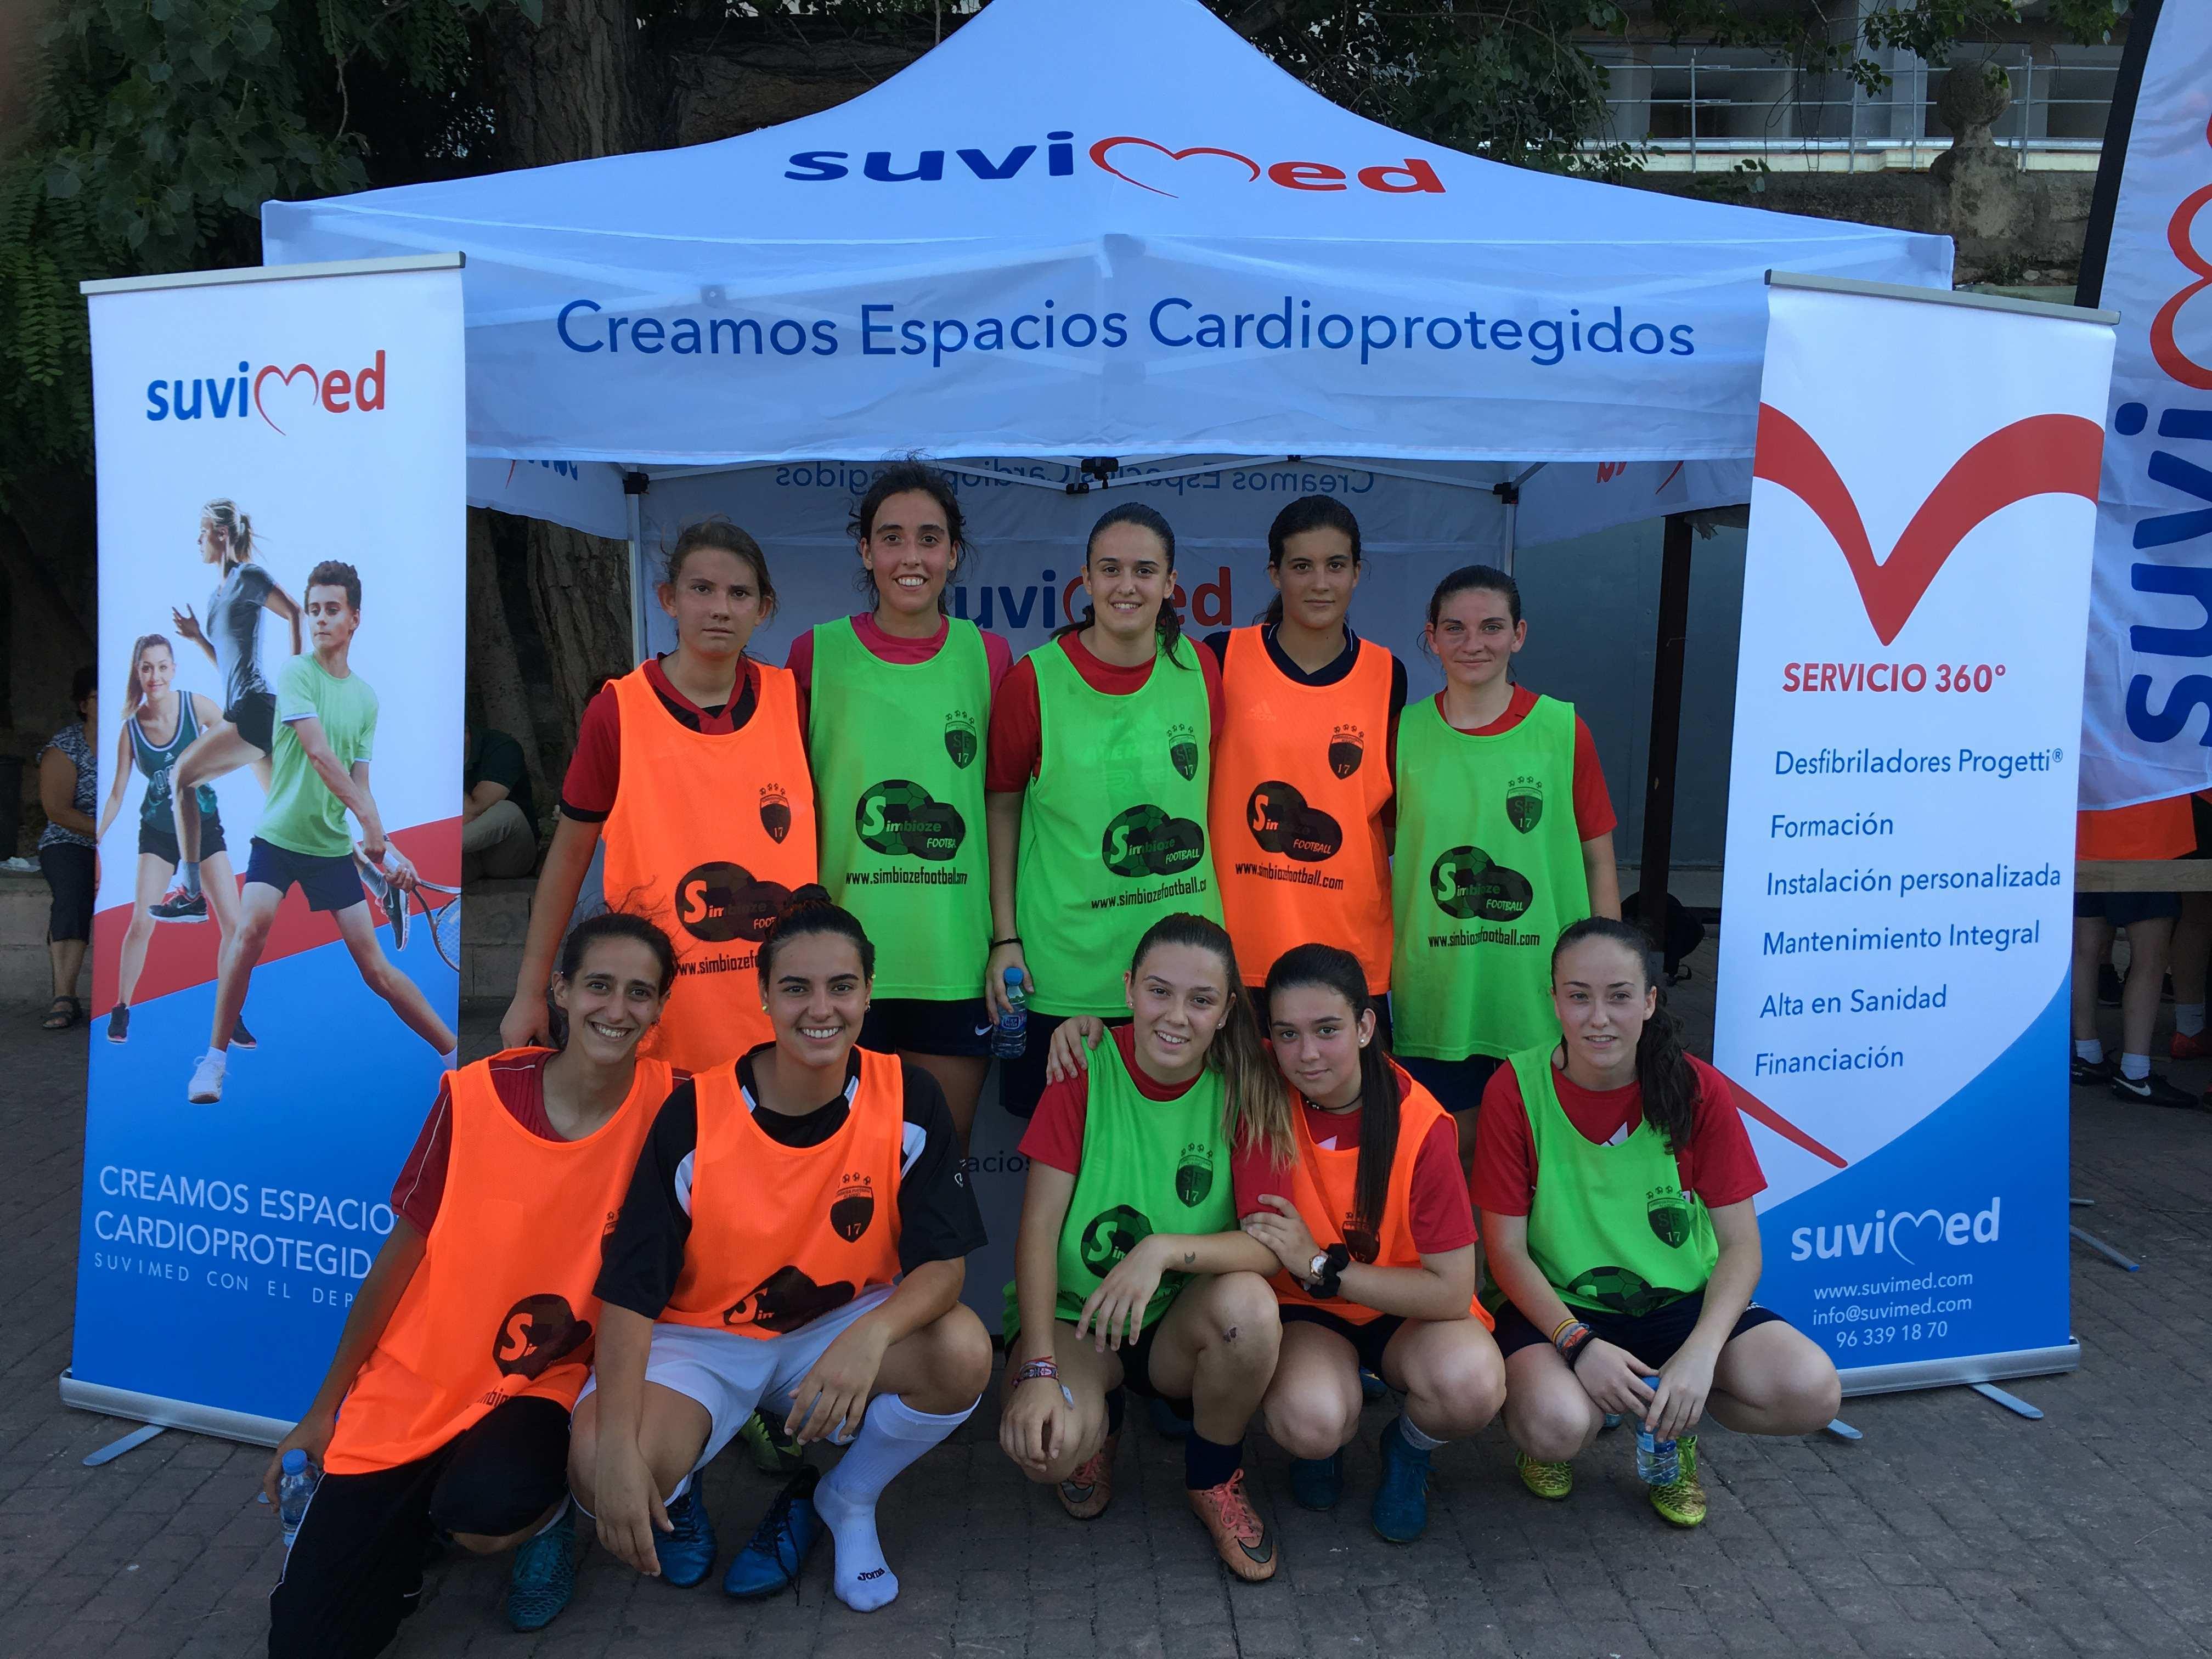 Suvimed crea un espacio cardioprotegido en Valencia